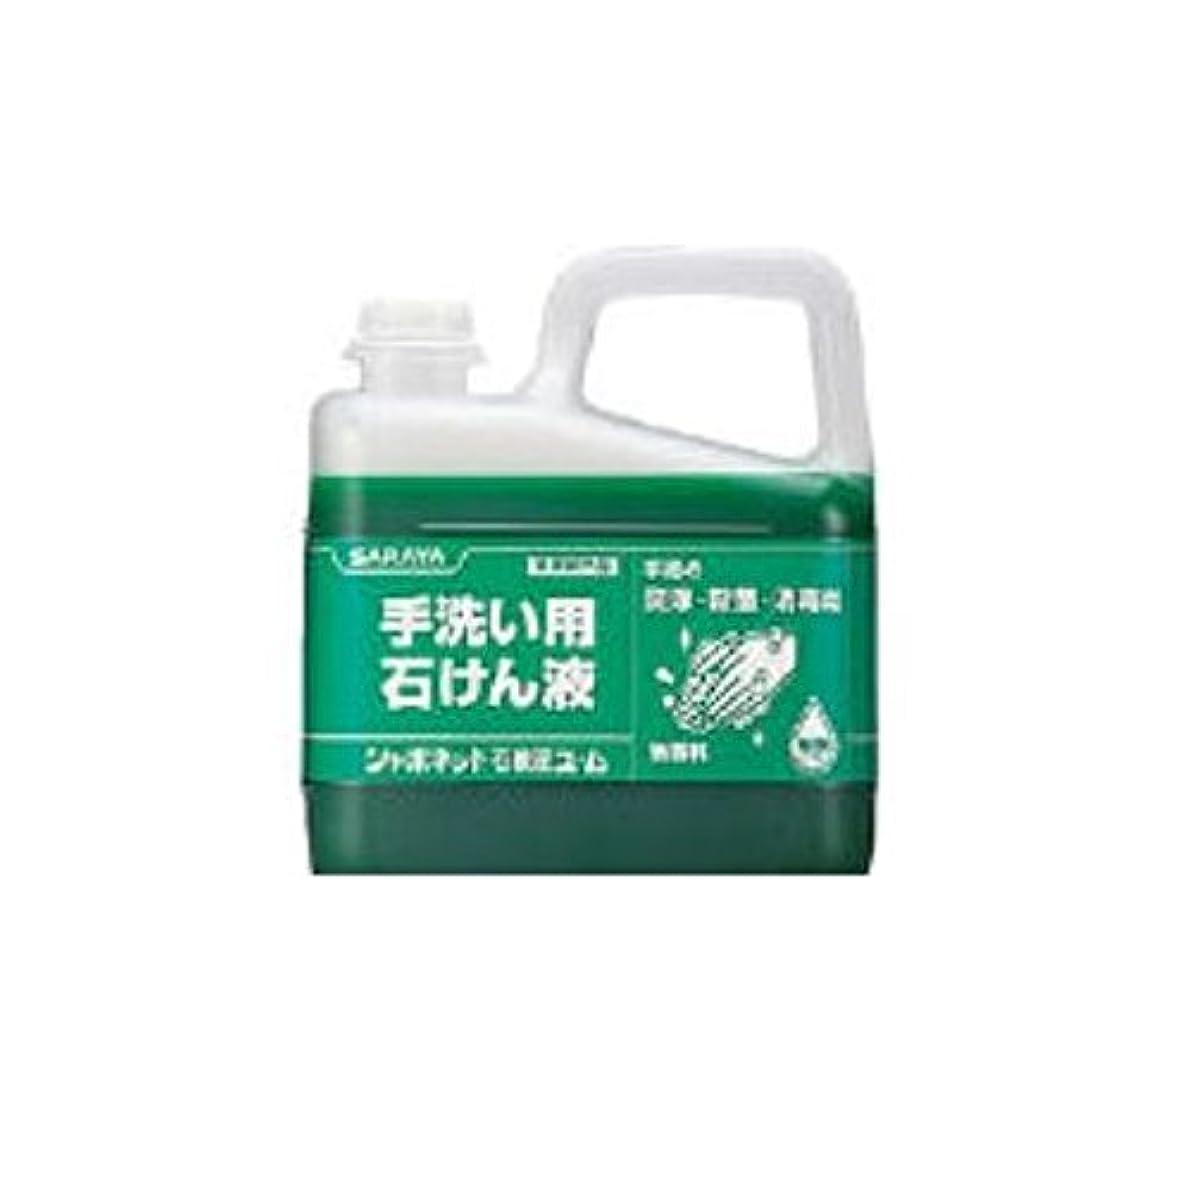 世界的にご意見脳FU50524 ハンドソープ シャボネット石鹸液ユ?ム 5kg